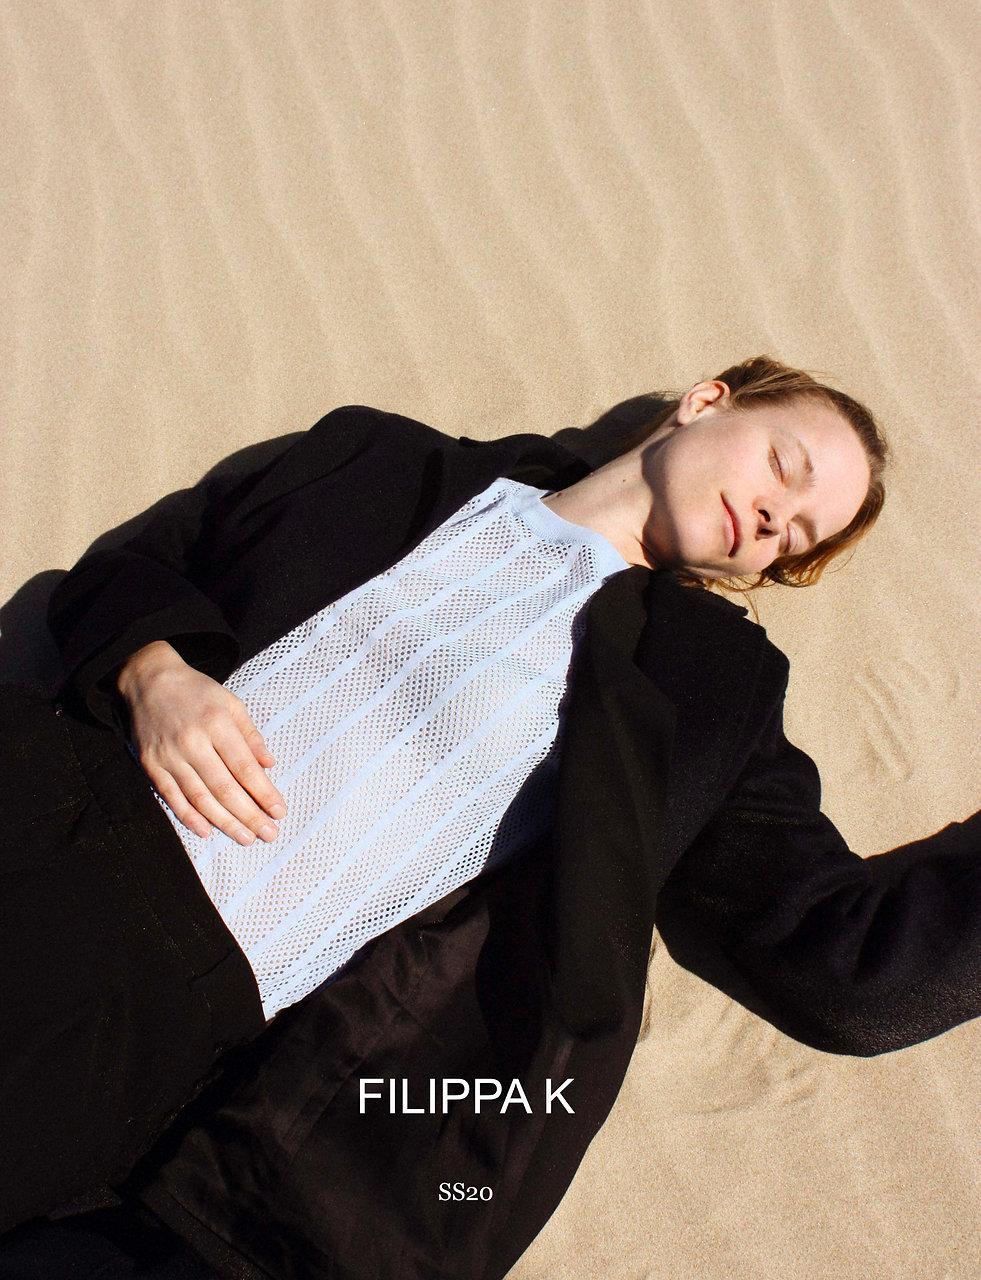 FILIPPA_K_SS20_1.jpg